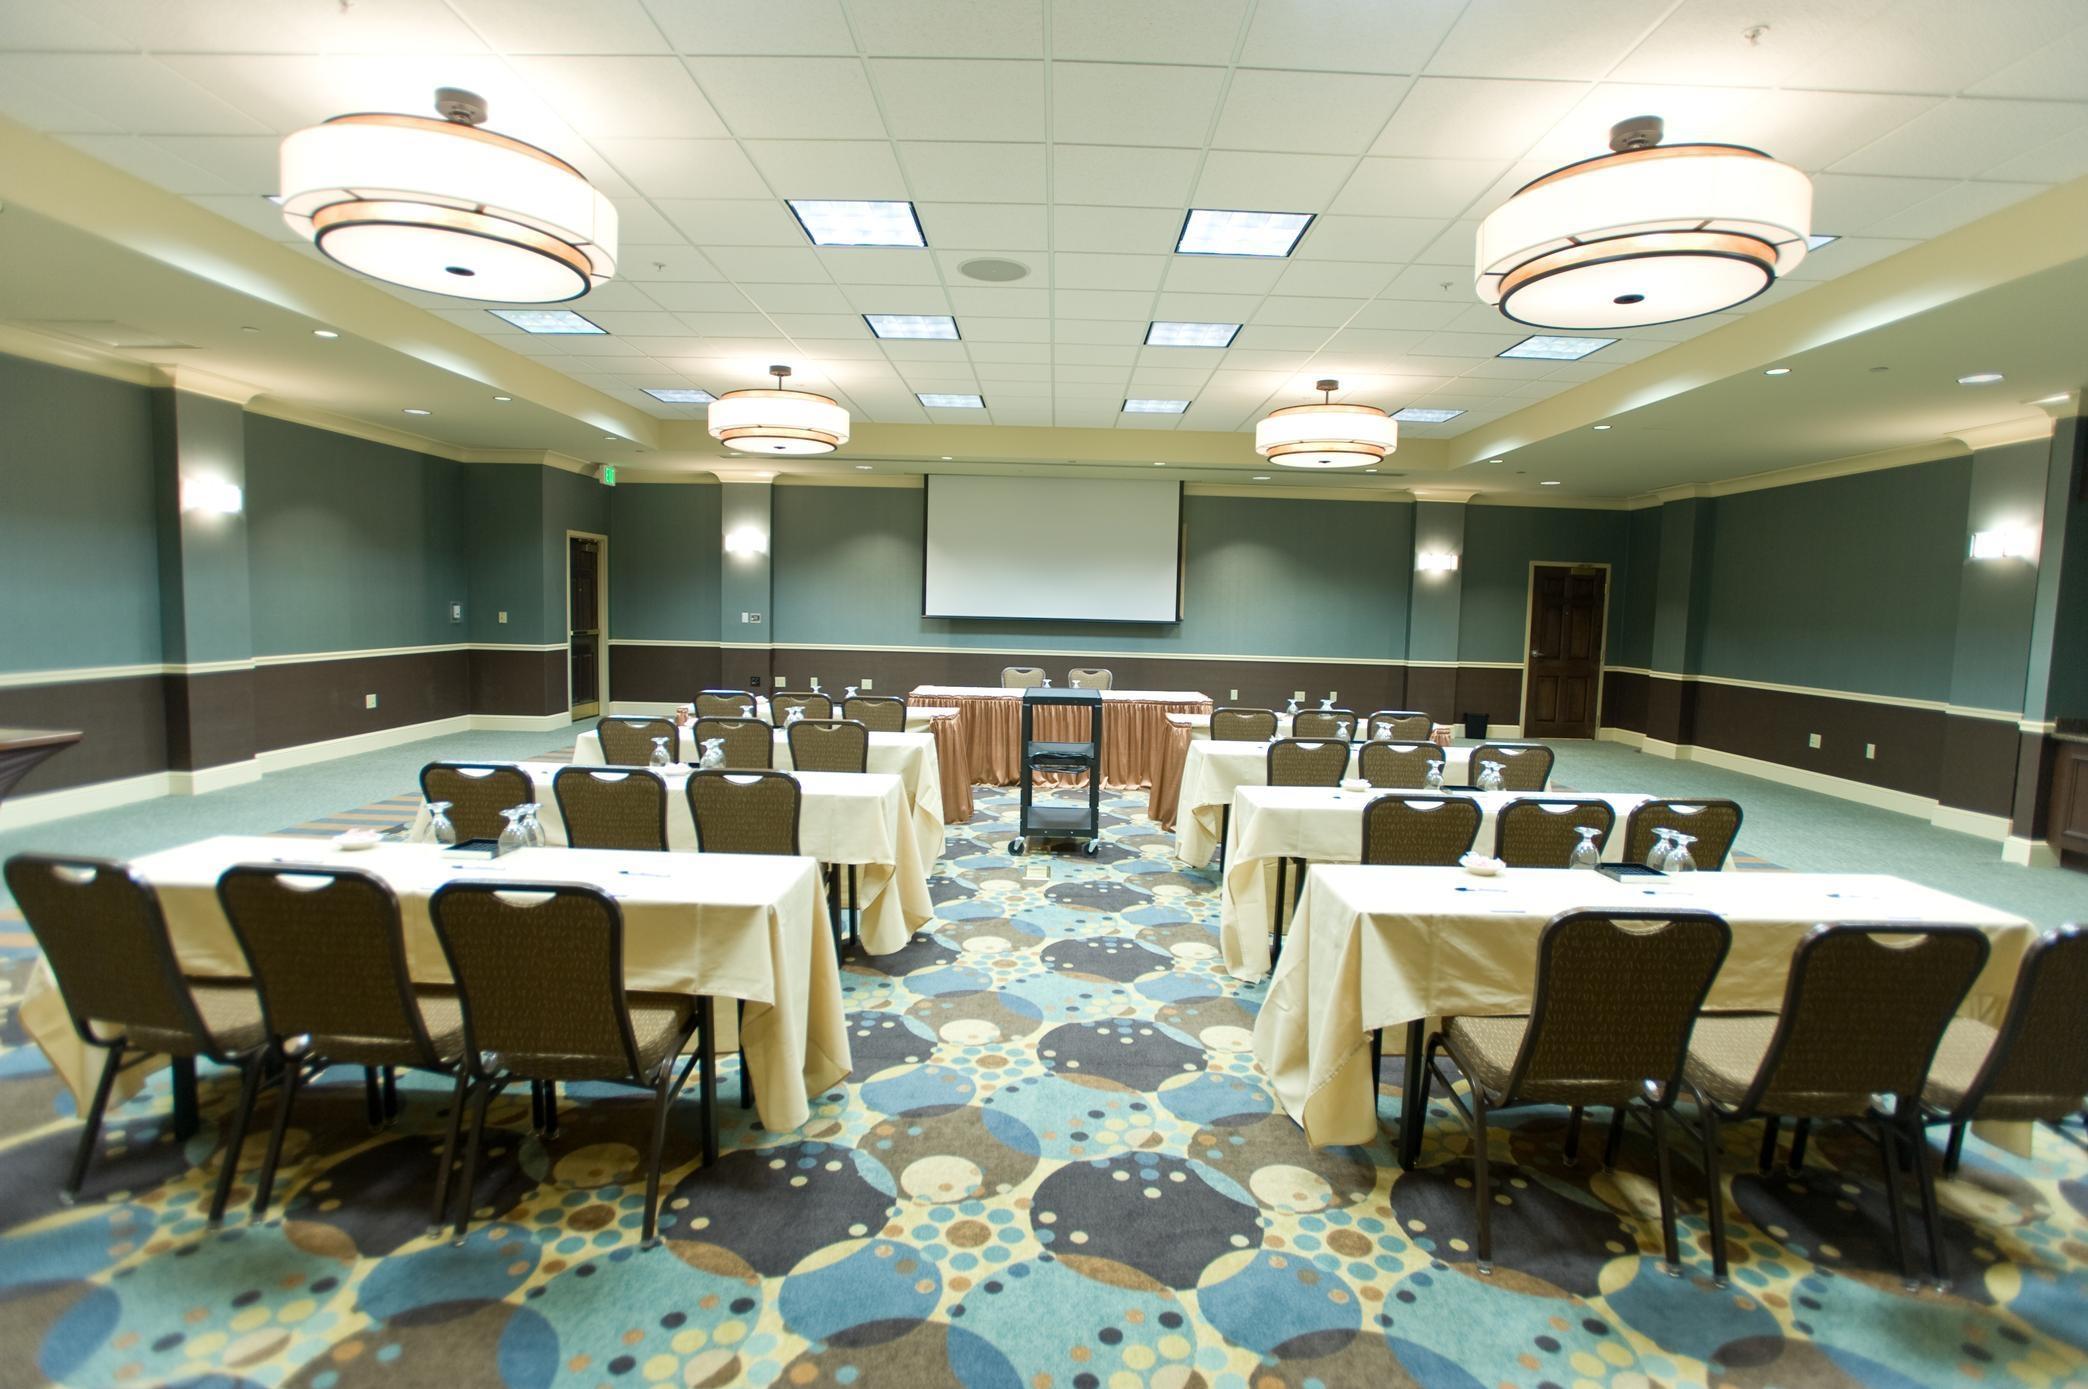 Hilton Garden Inn Omaha East Council Bluffs In Council Bluffs Ia Hotels Motels Yellow